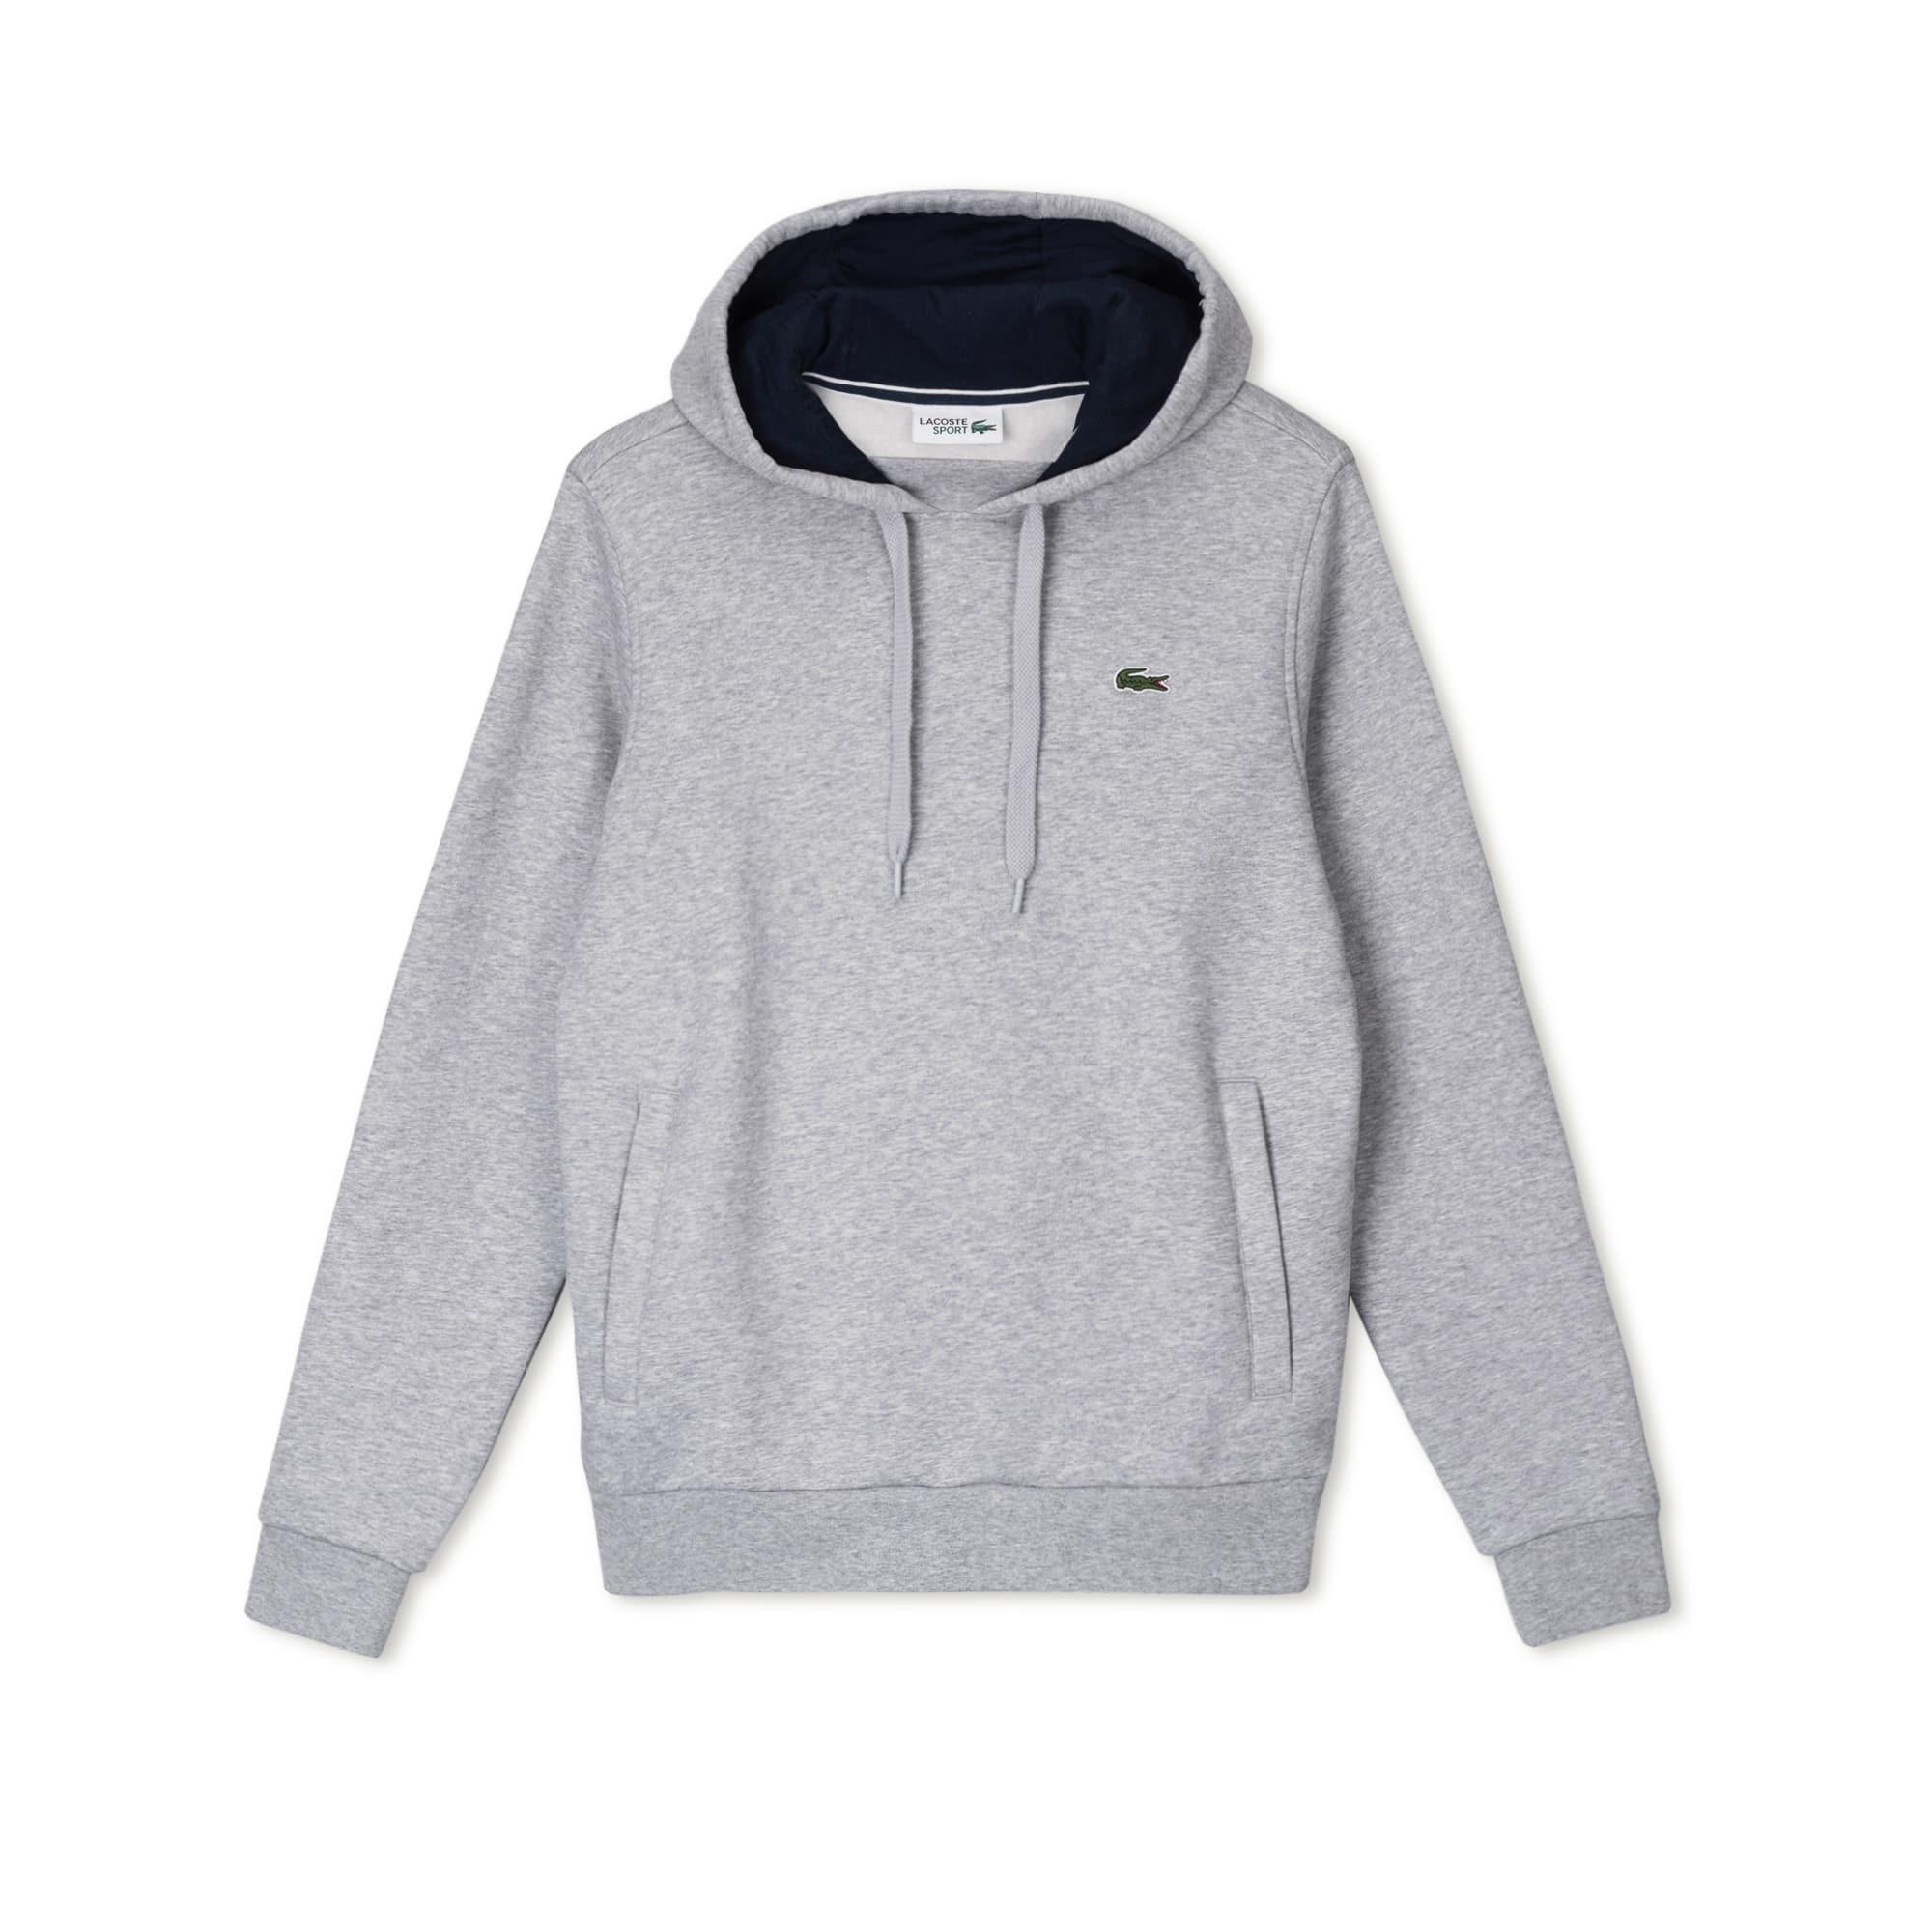 Lacoste Sport系列男士连帽拉绒网球运动衫